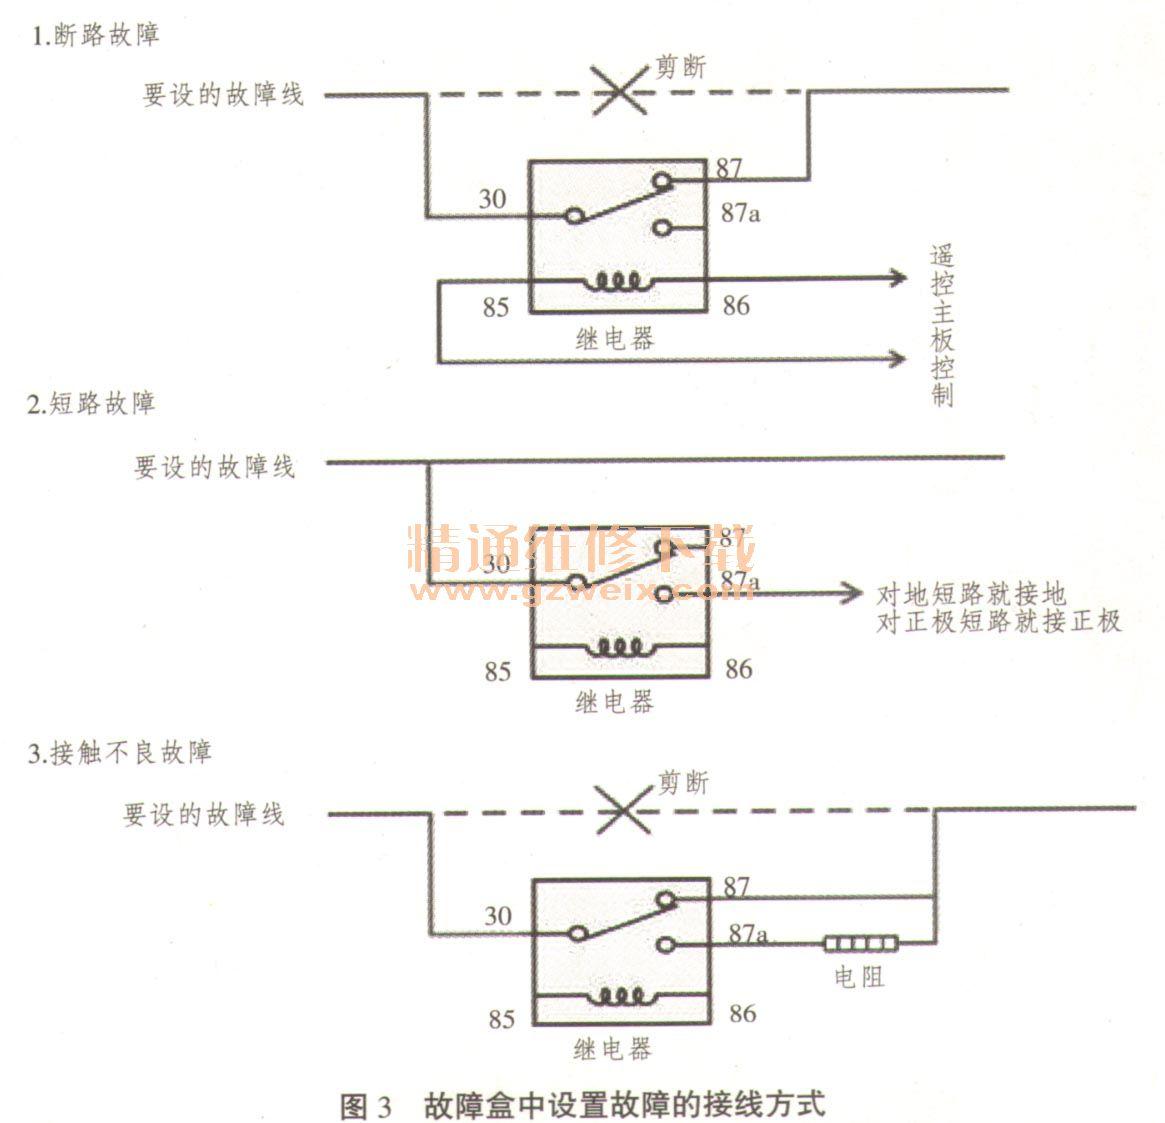 浅谈科鲁兹发动机电控系统故障盒设计